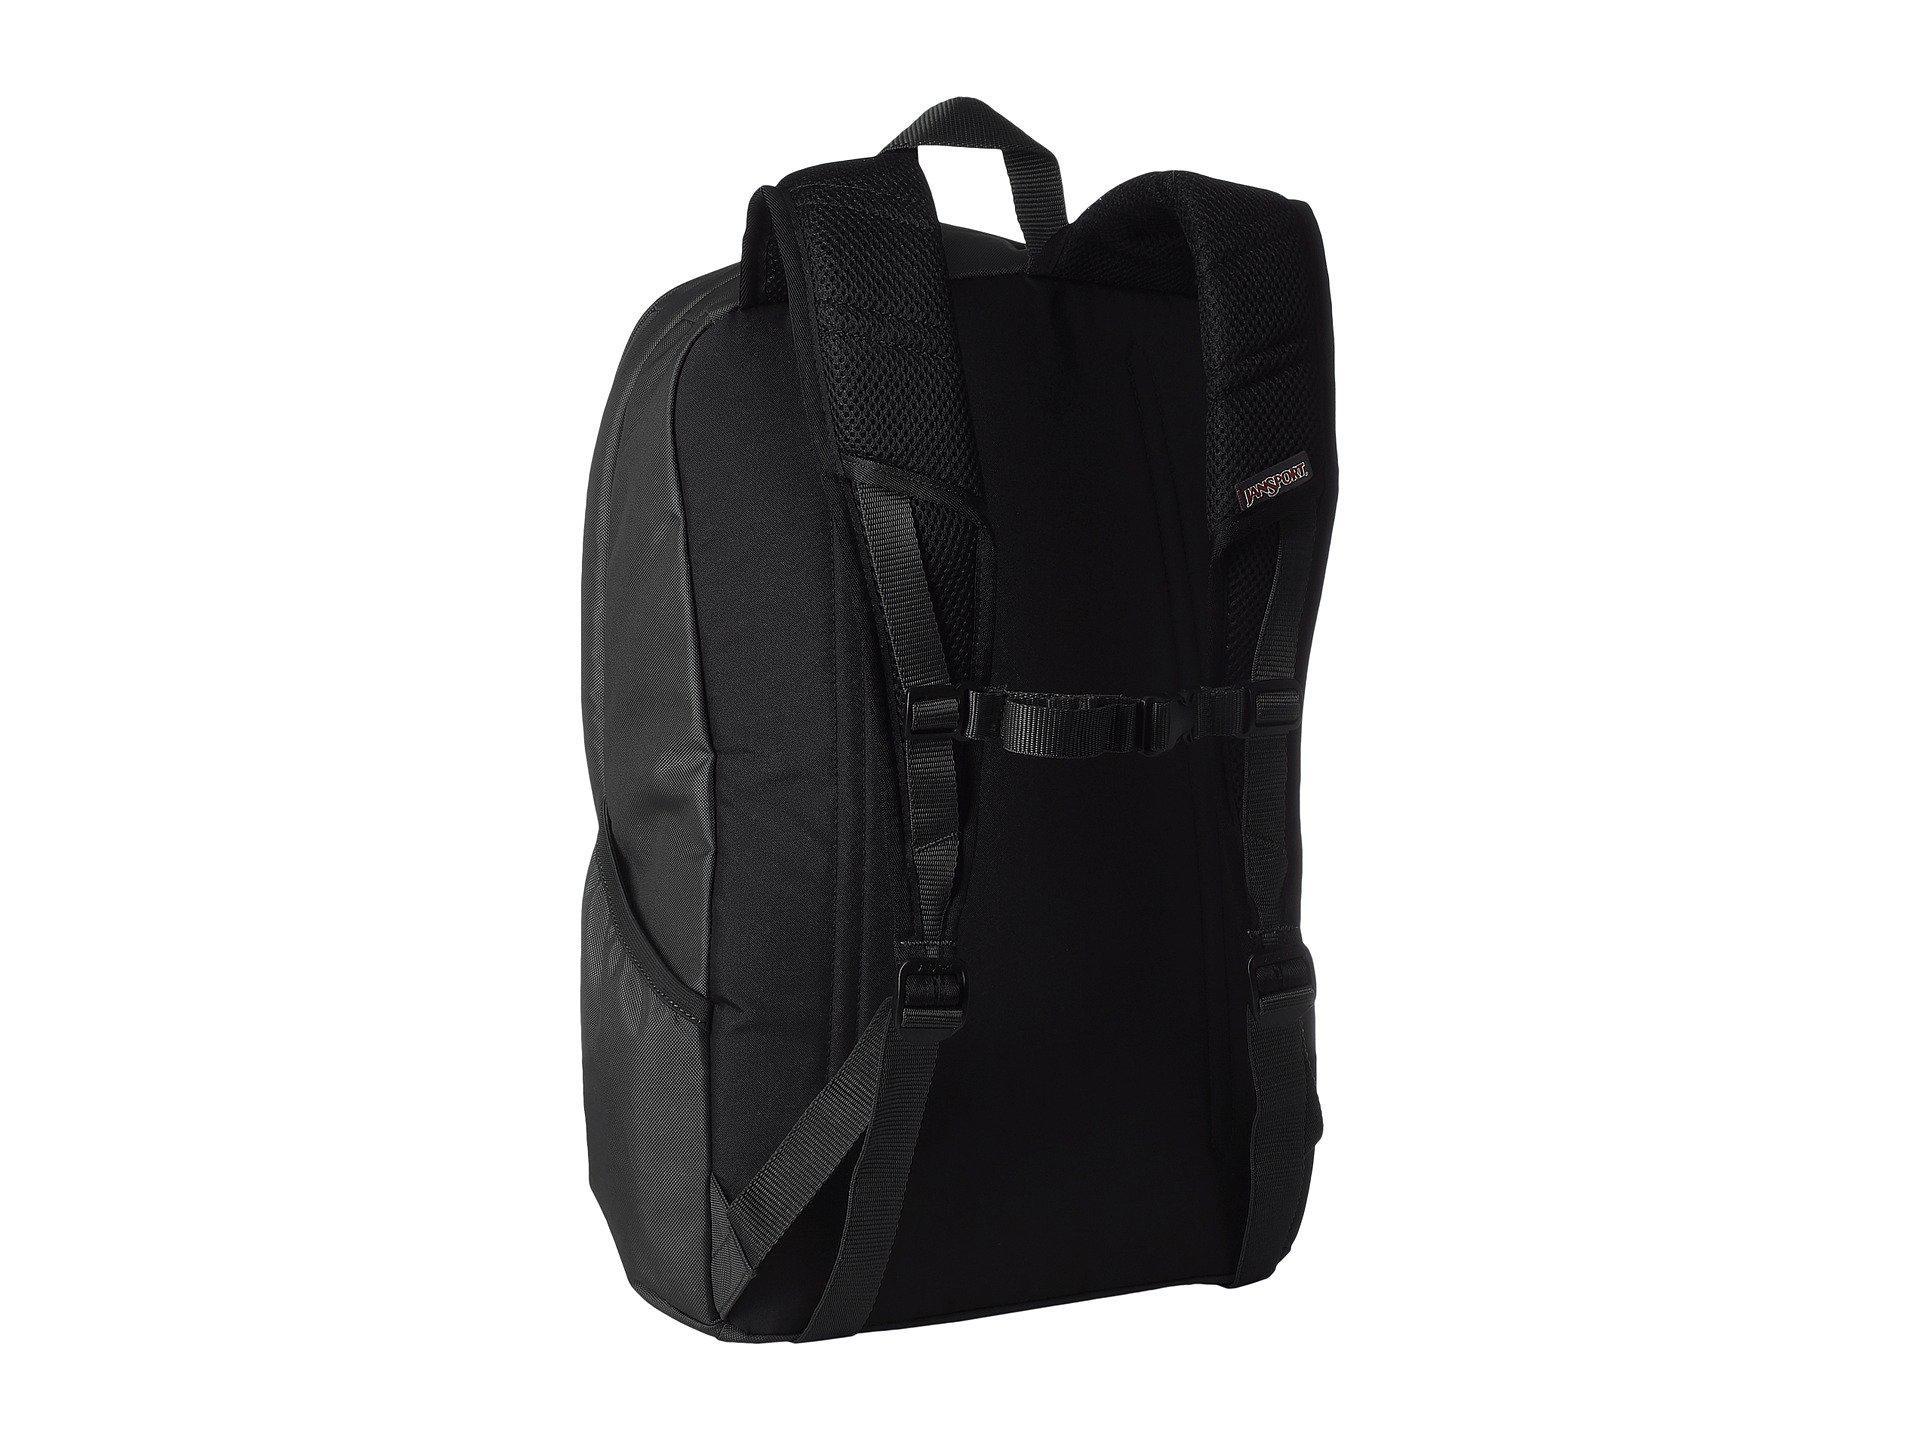 74f8886948 Jansport - Wynwood (black Ballistic Nylon) Backpack Bags for Men - Lyst.  View fullscreen